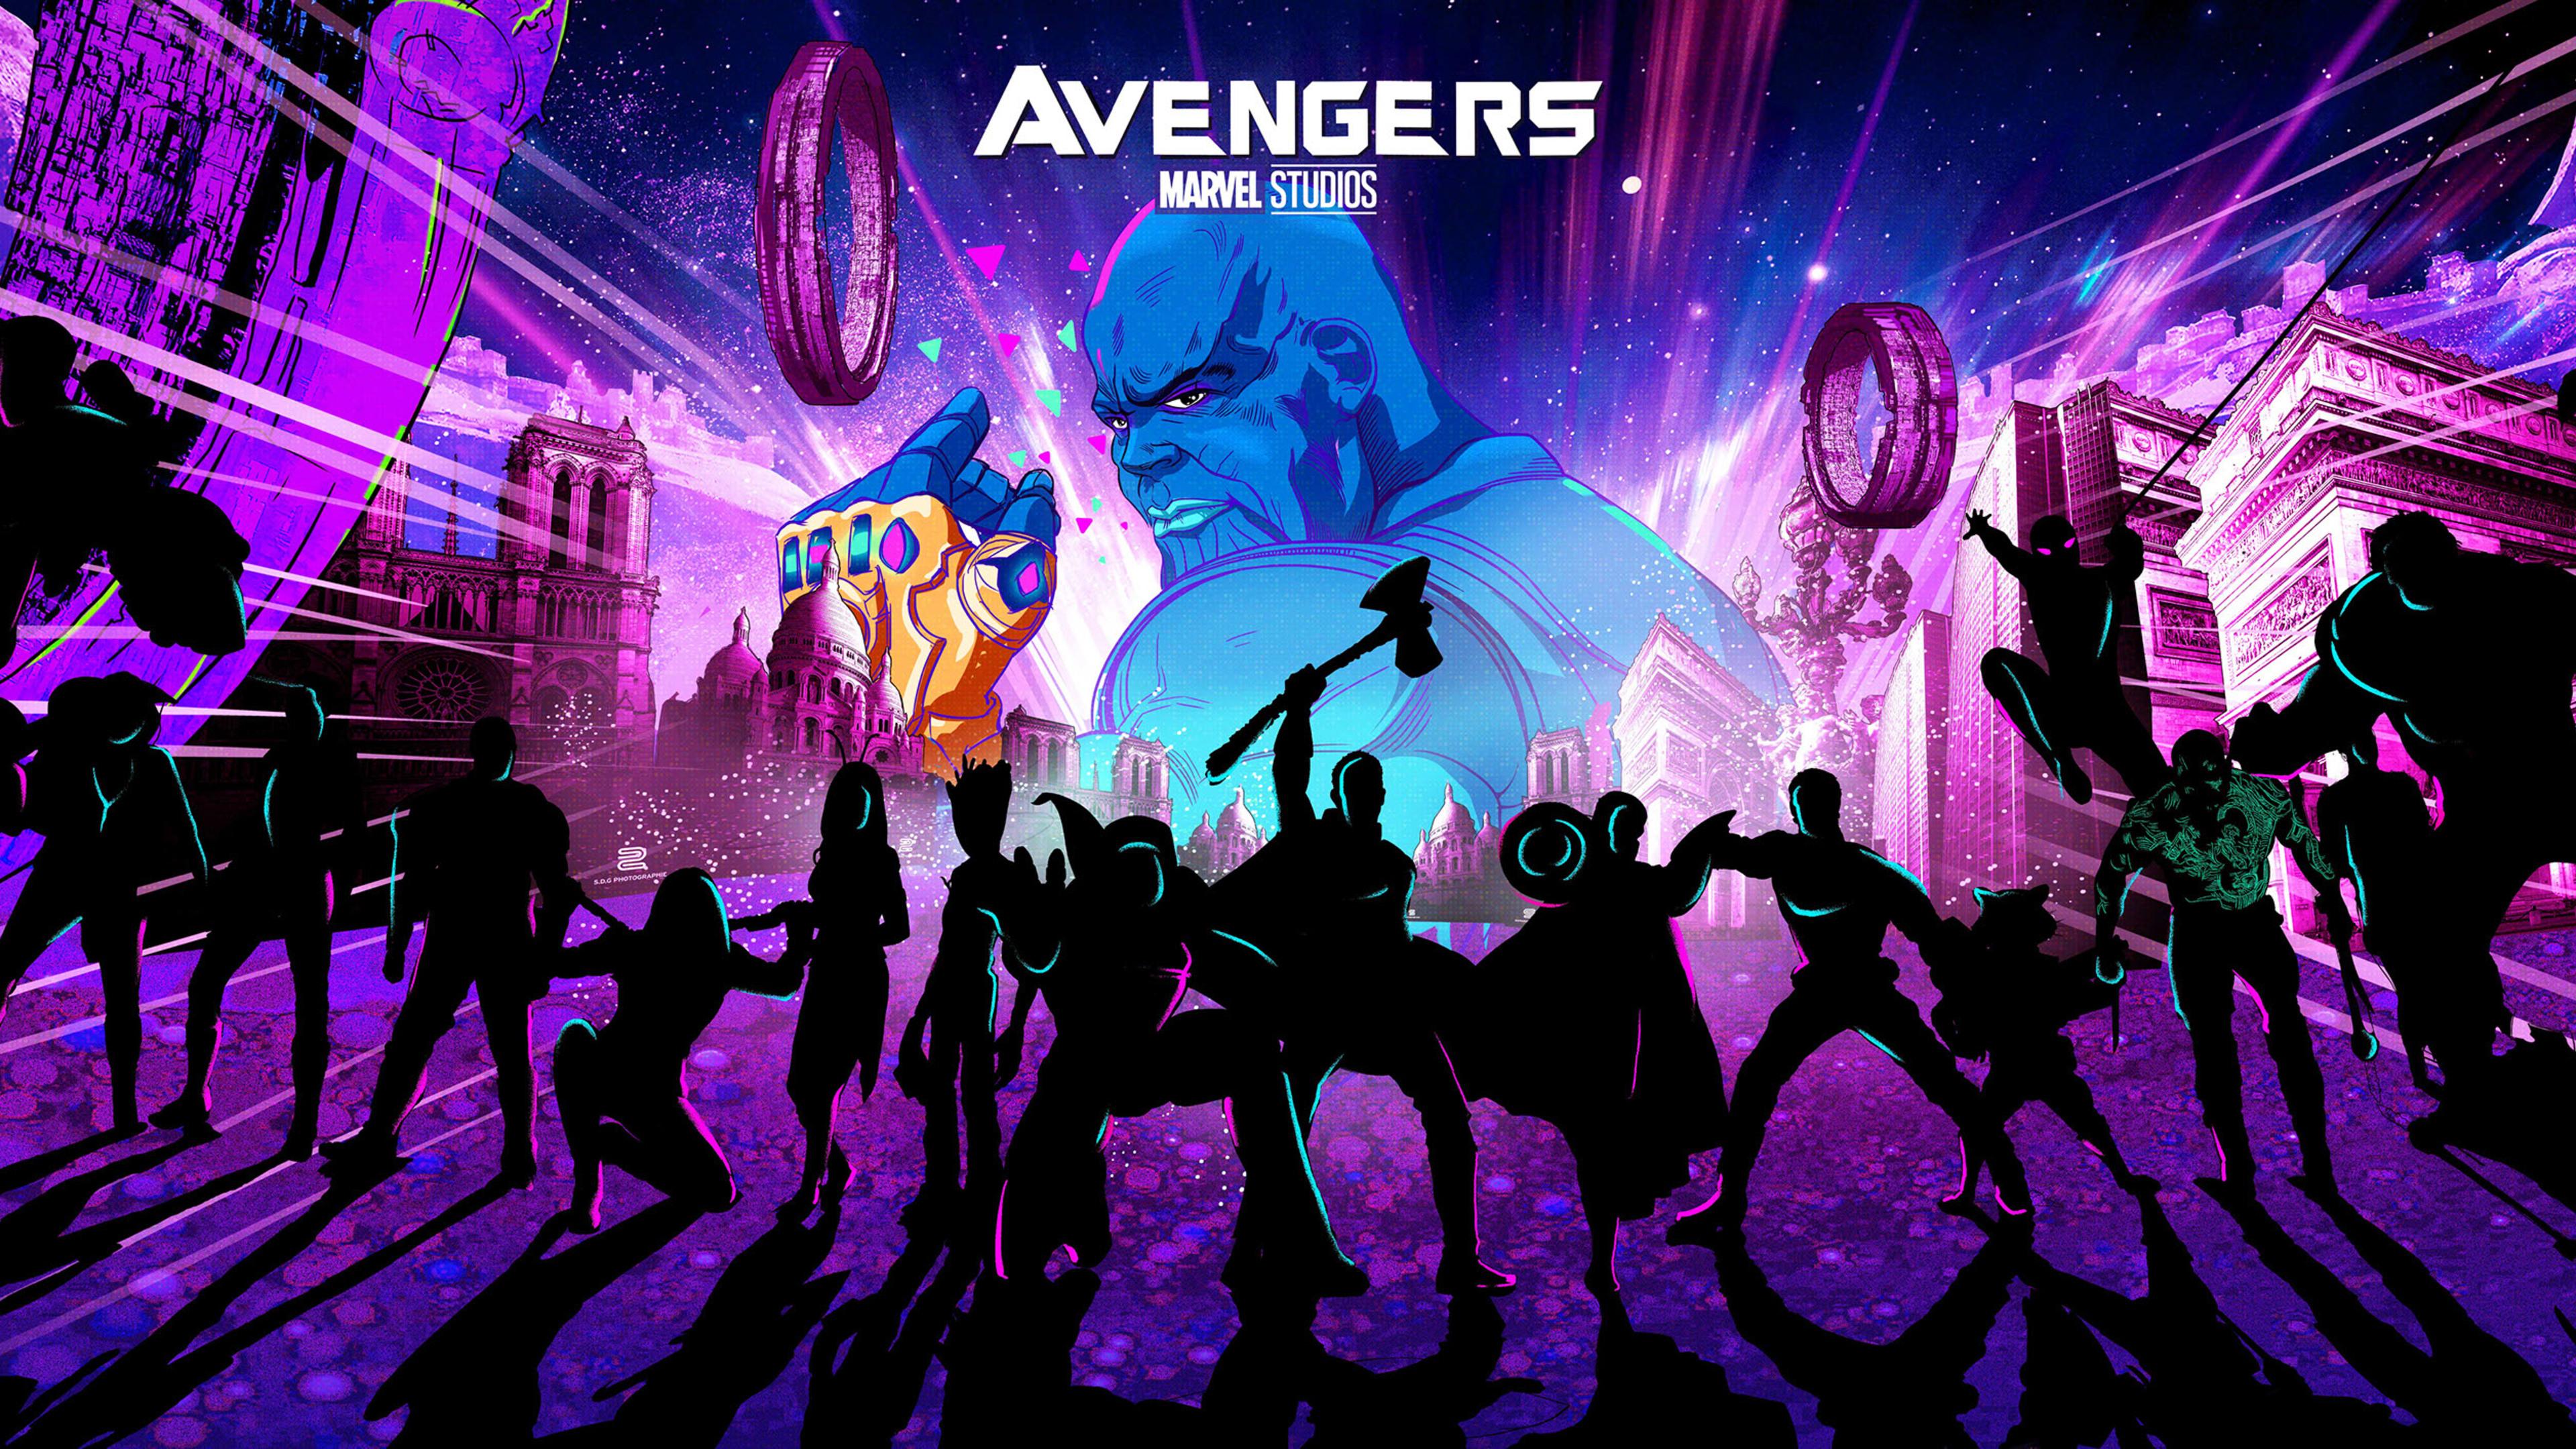 Avengers Endgame New Artwork 4k Avengers Endgame Wallpaper Art 3840x2160 Wallpaper Teahub Io